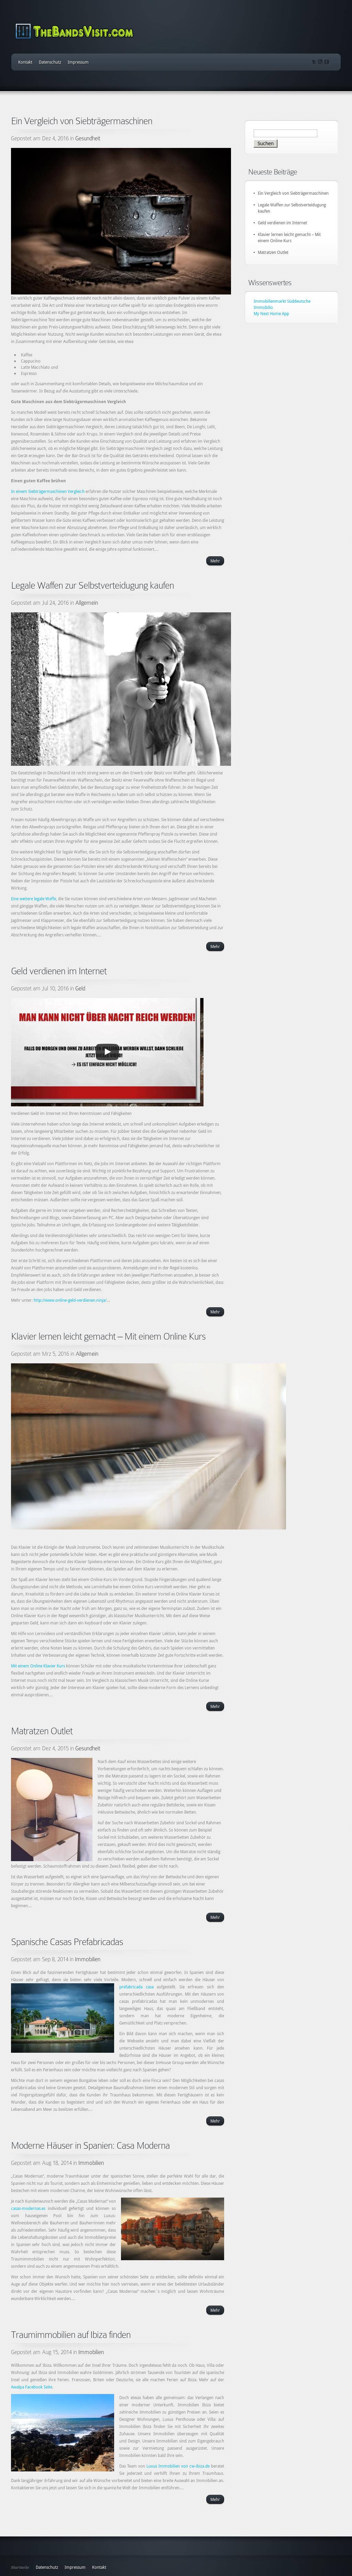 Großartig Günstiger Rahmen Für Die Kunst Fotos - Benutzerdefinierte ...